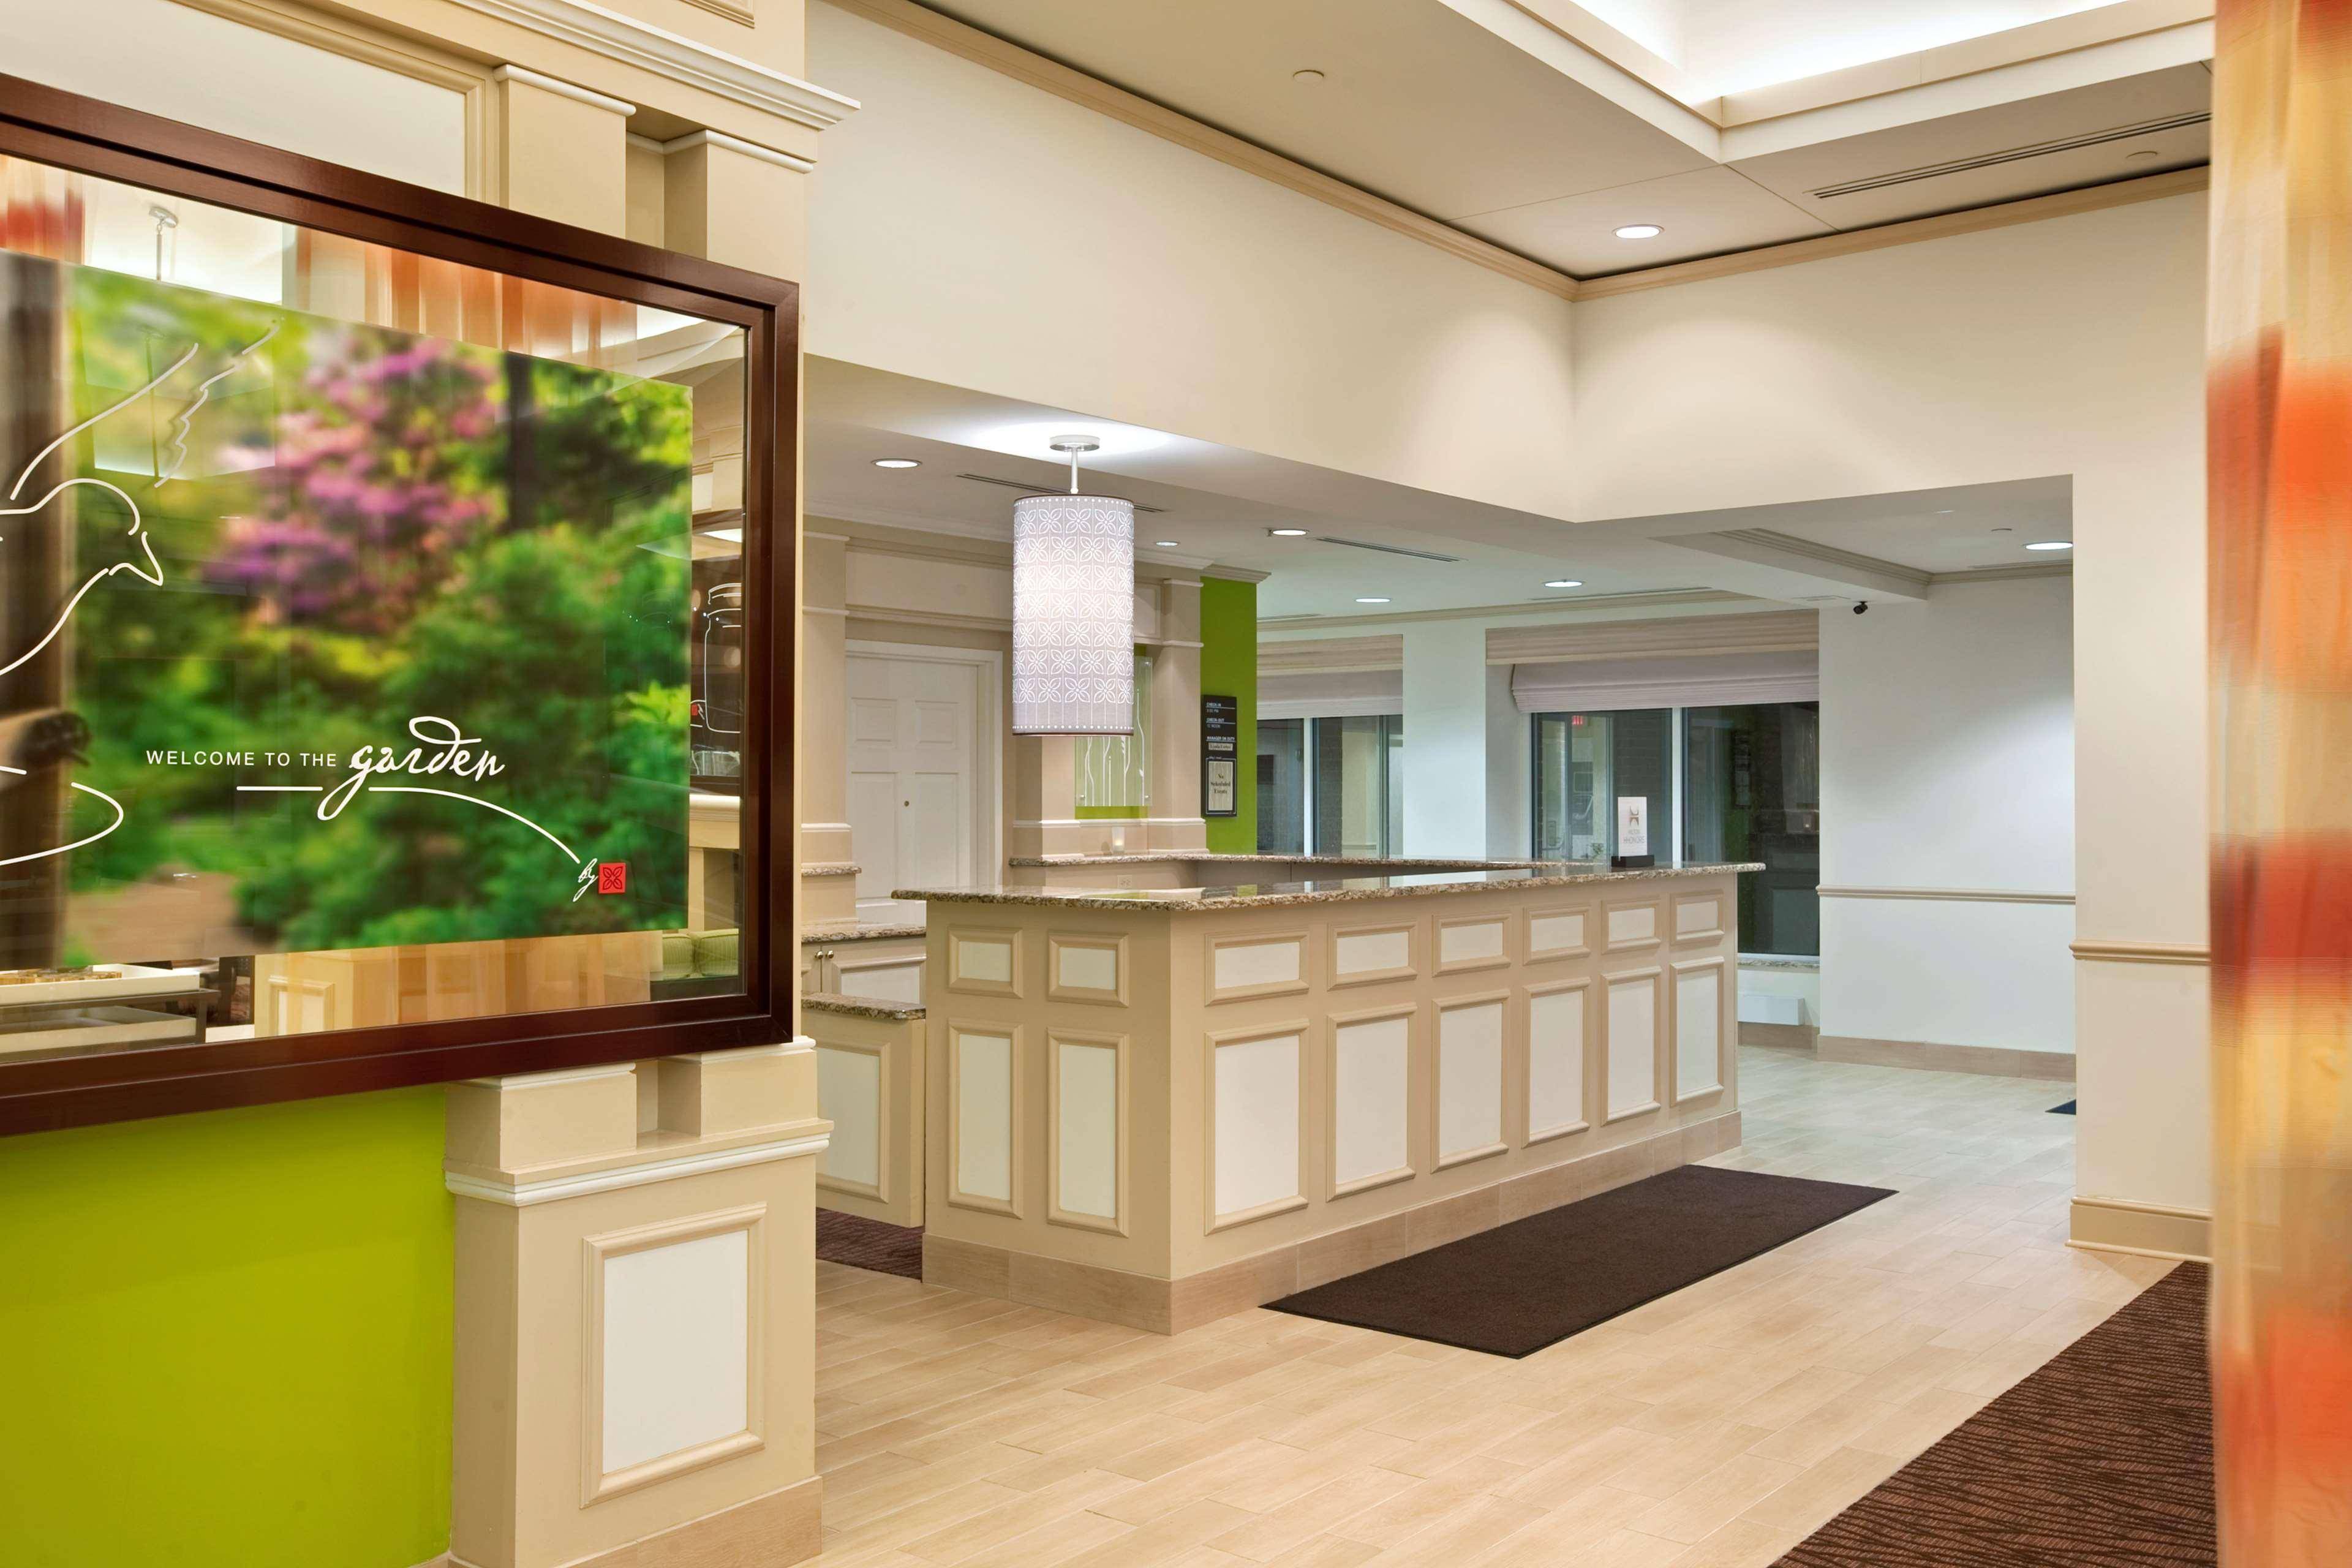 Hilton Garden Inn Hoffman Estates image 4